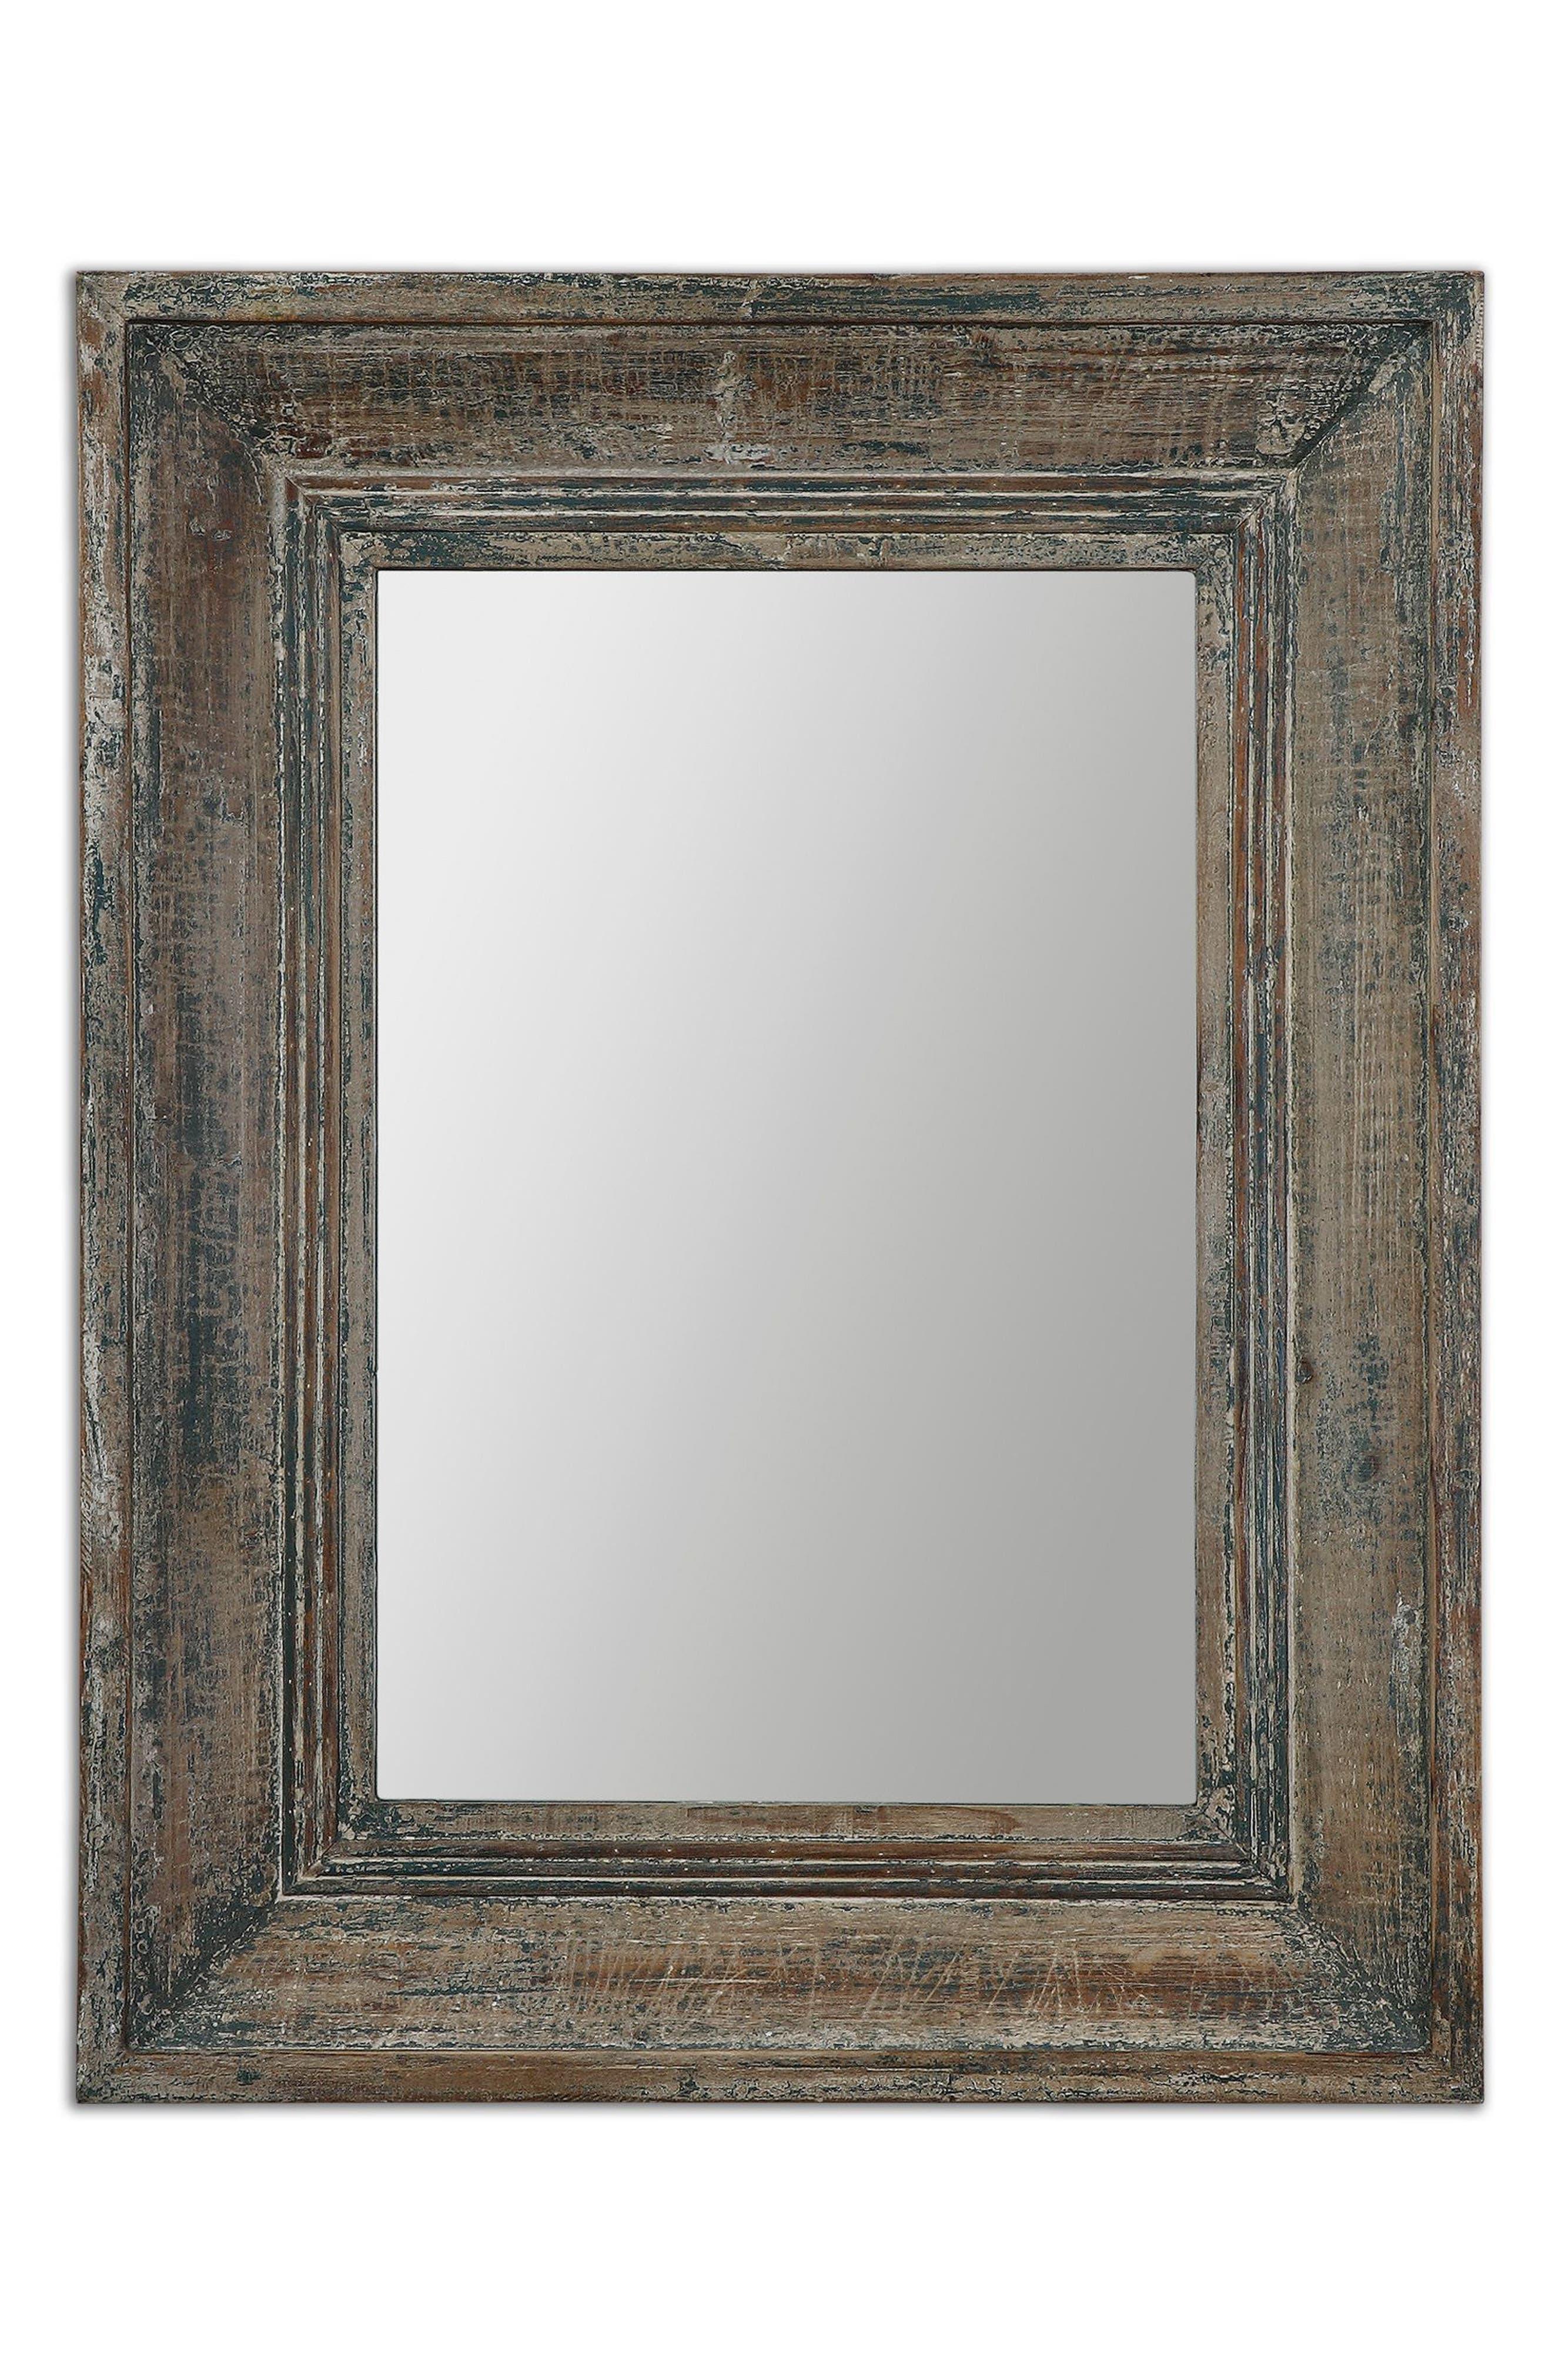 Missoula Small Wall Mirror,                             Main thumbnail 1, color,                             200